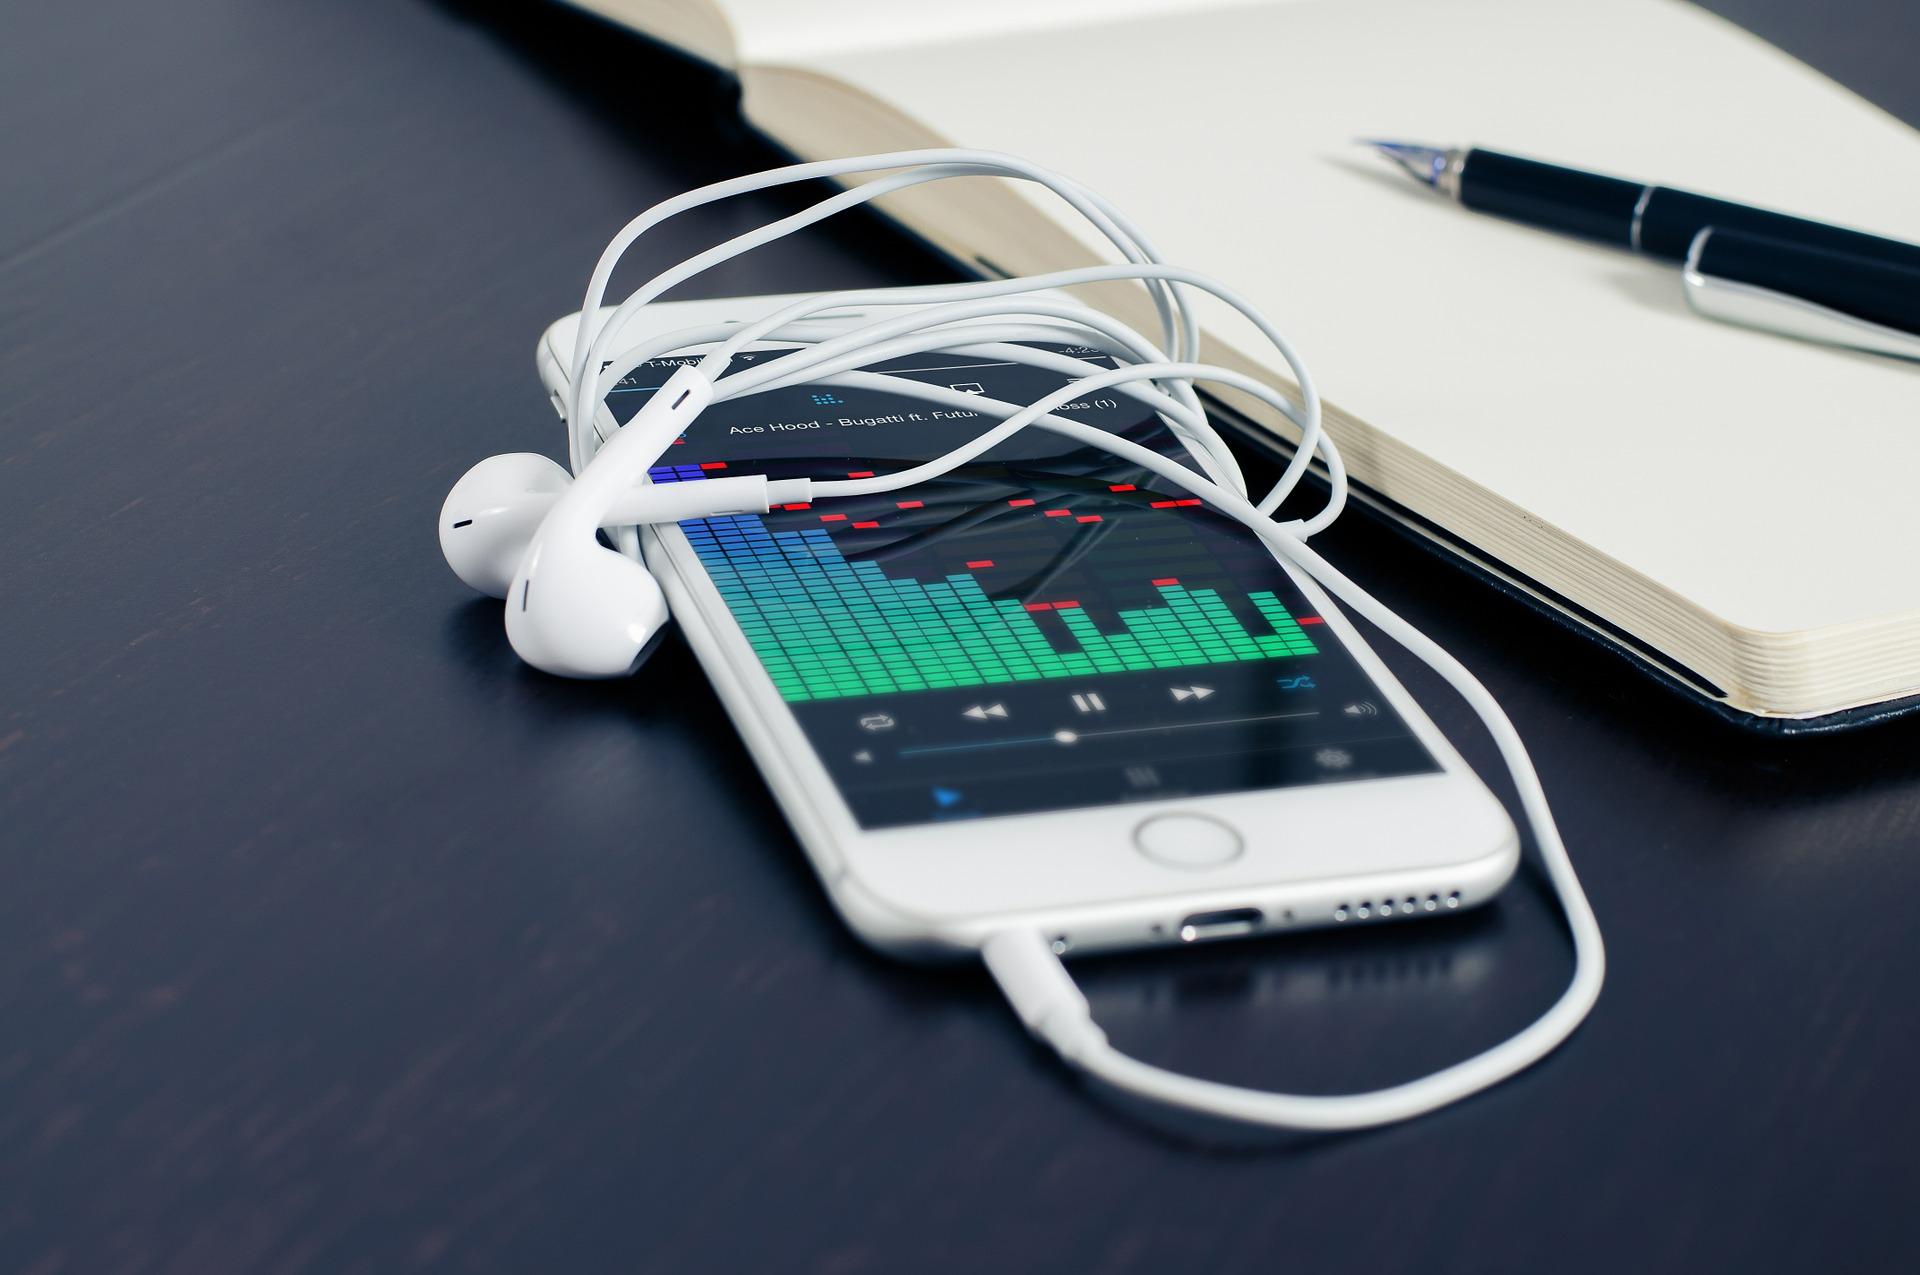 Tu menú musical con canciones de Spotify, YouTube y SoundCloud